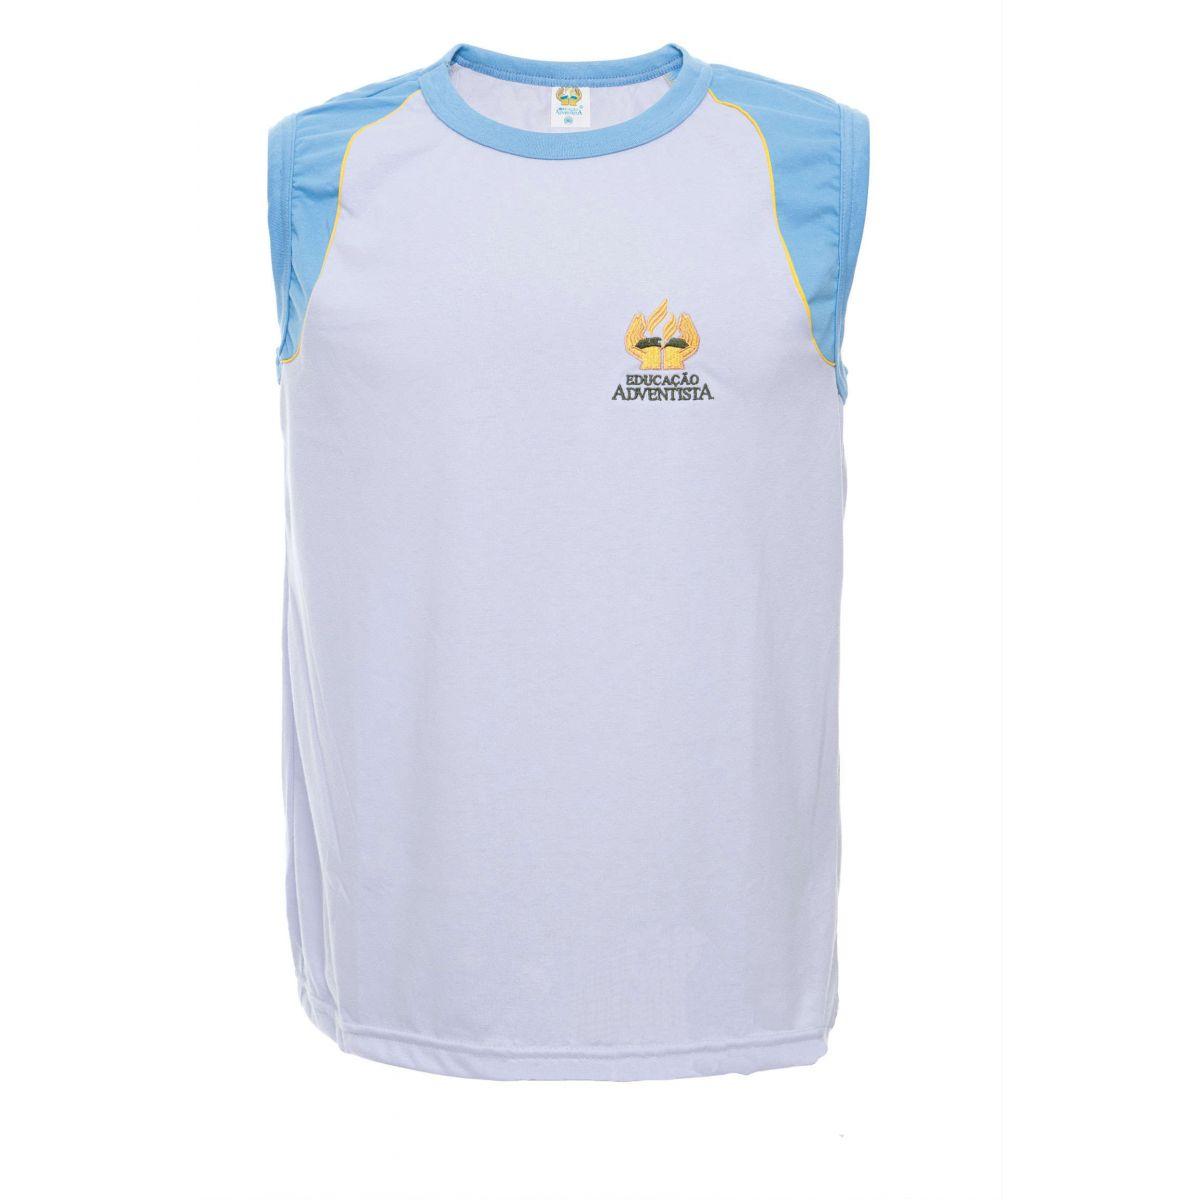 Camiseta S/ Manga - PPI ( 4 )